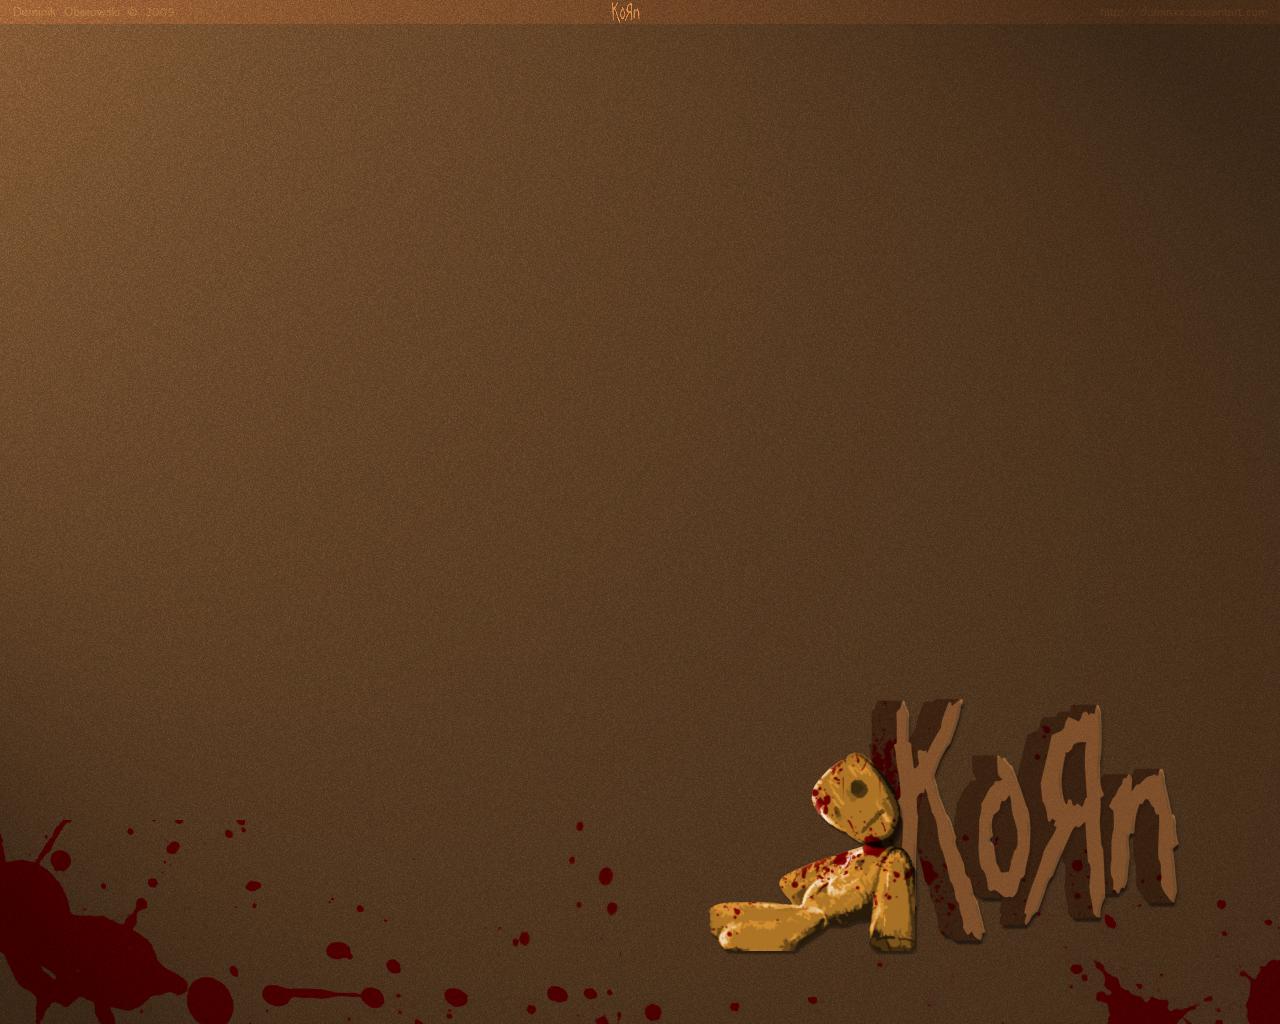 korn wallpaper by dominxx on deviantart